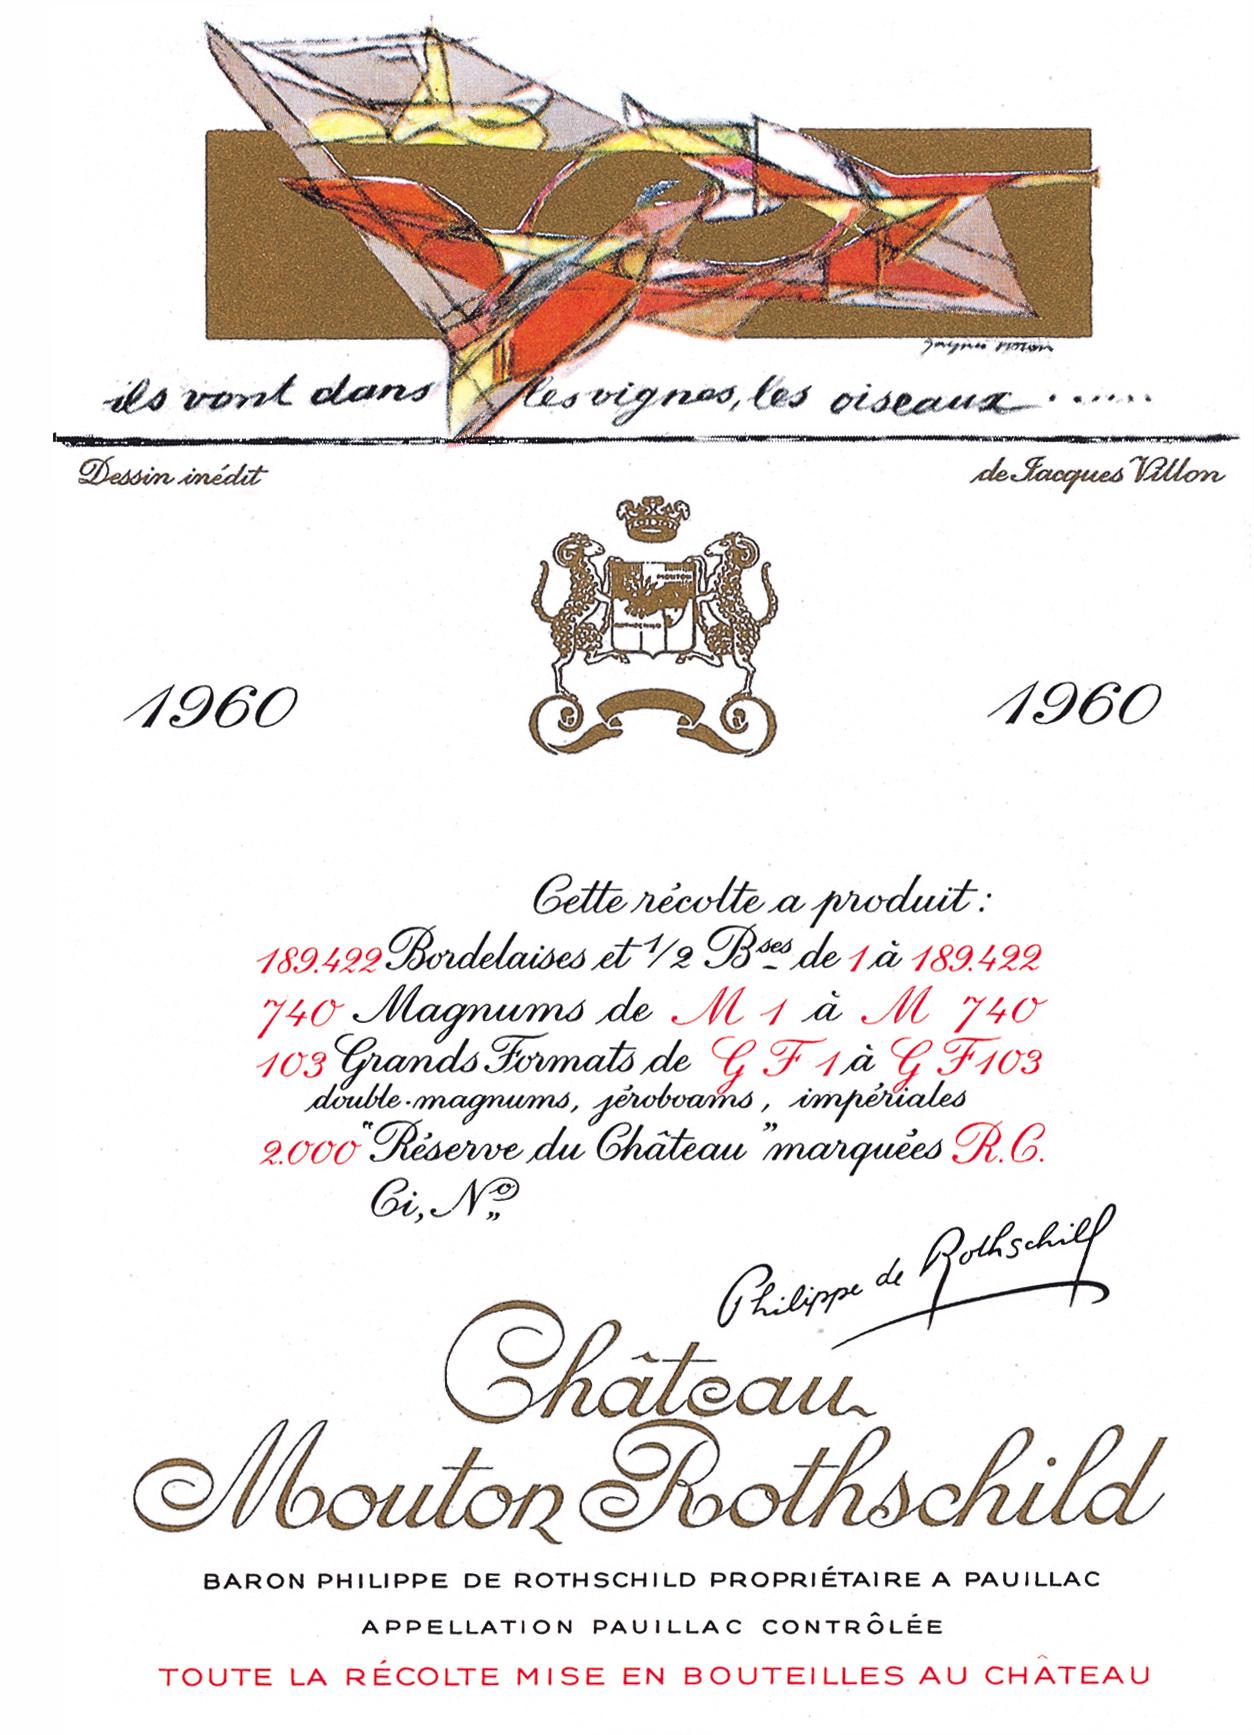 Etiquette Mouton Rothschild 1960